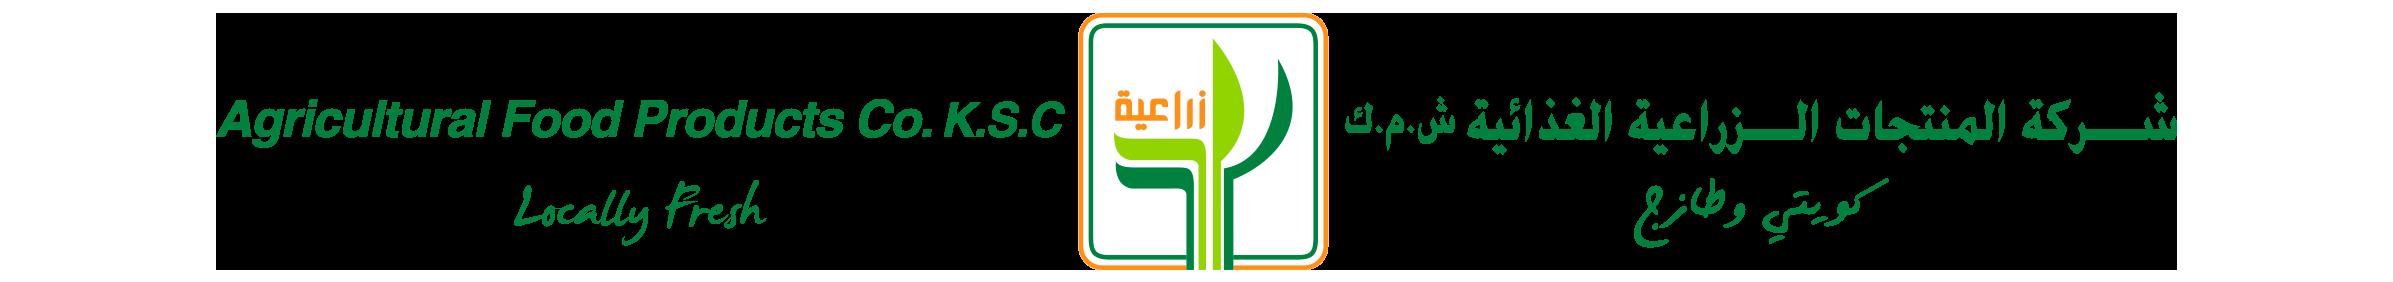 شركة المنتجات الزراعية الغذائية